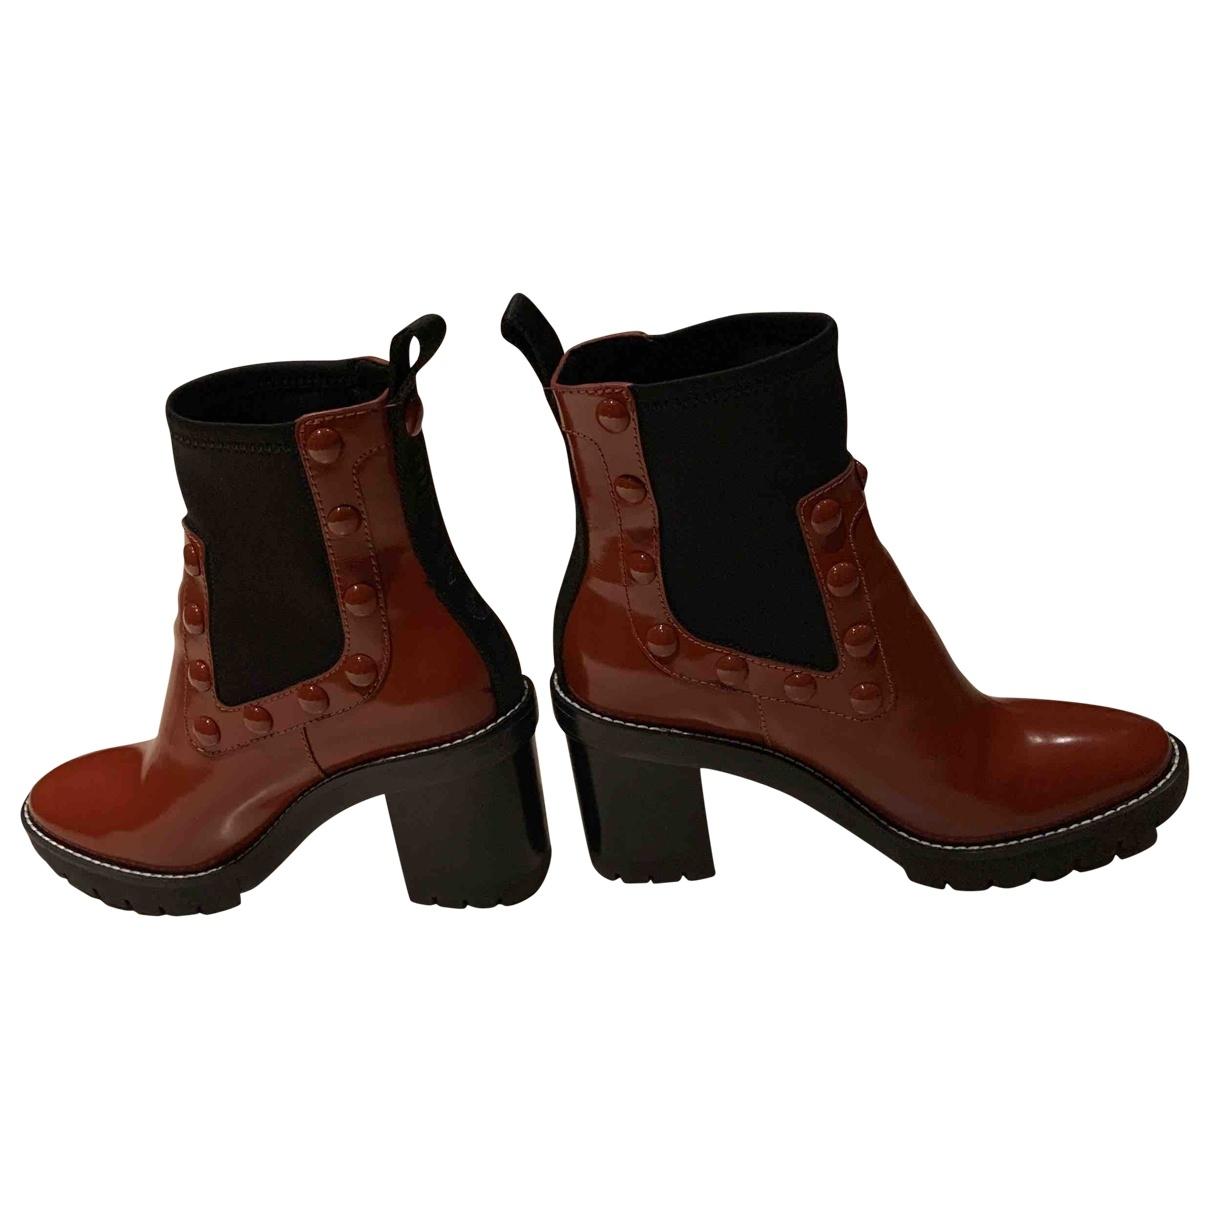 Tory Burch - Bottes   pour femme en cuir verni - marron